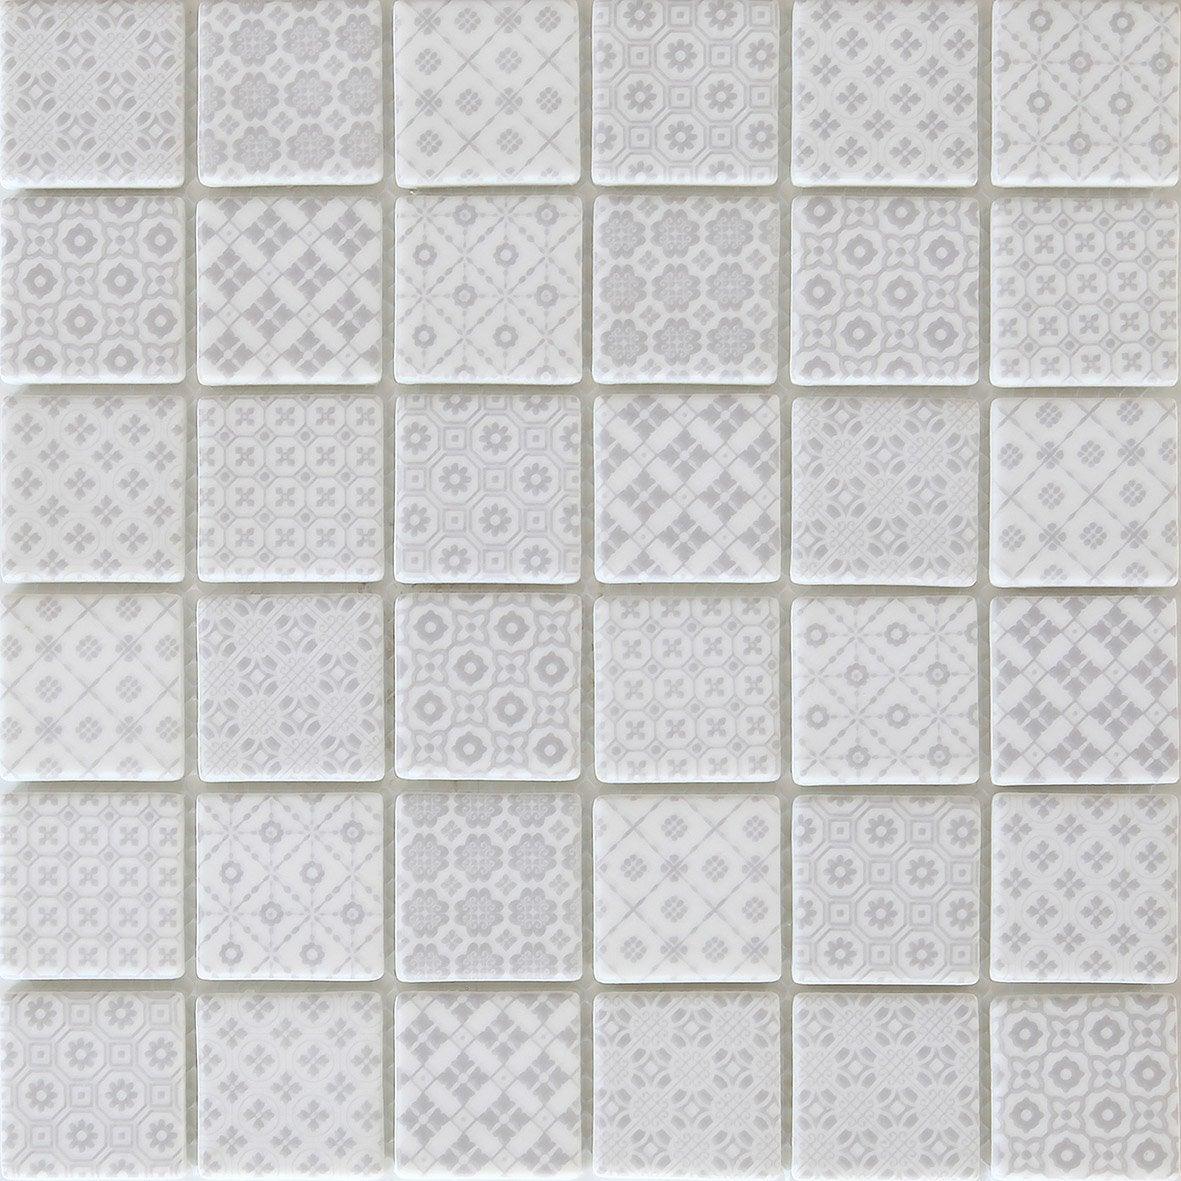 Mosaïque mur Graphik cement gris